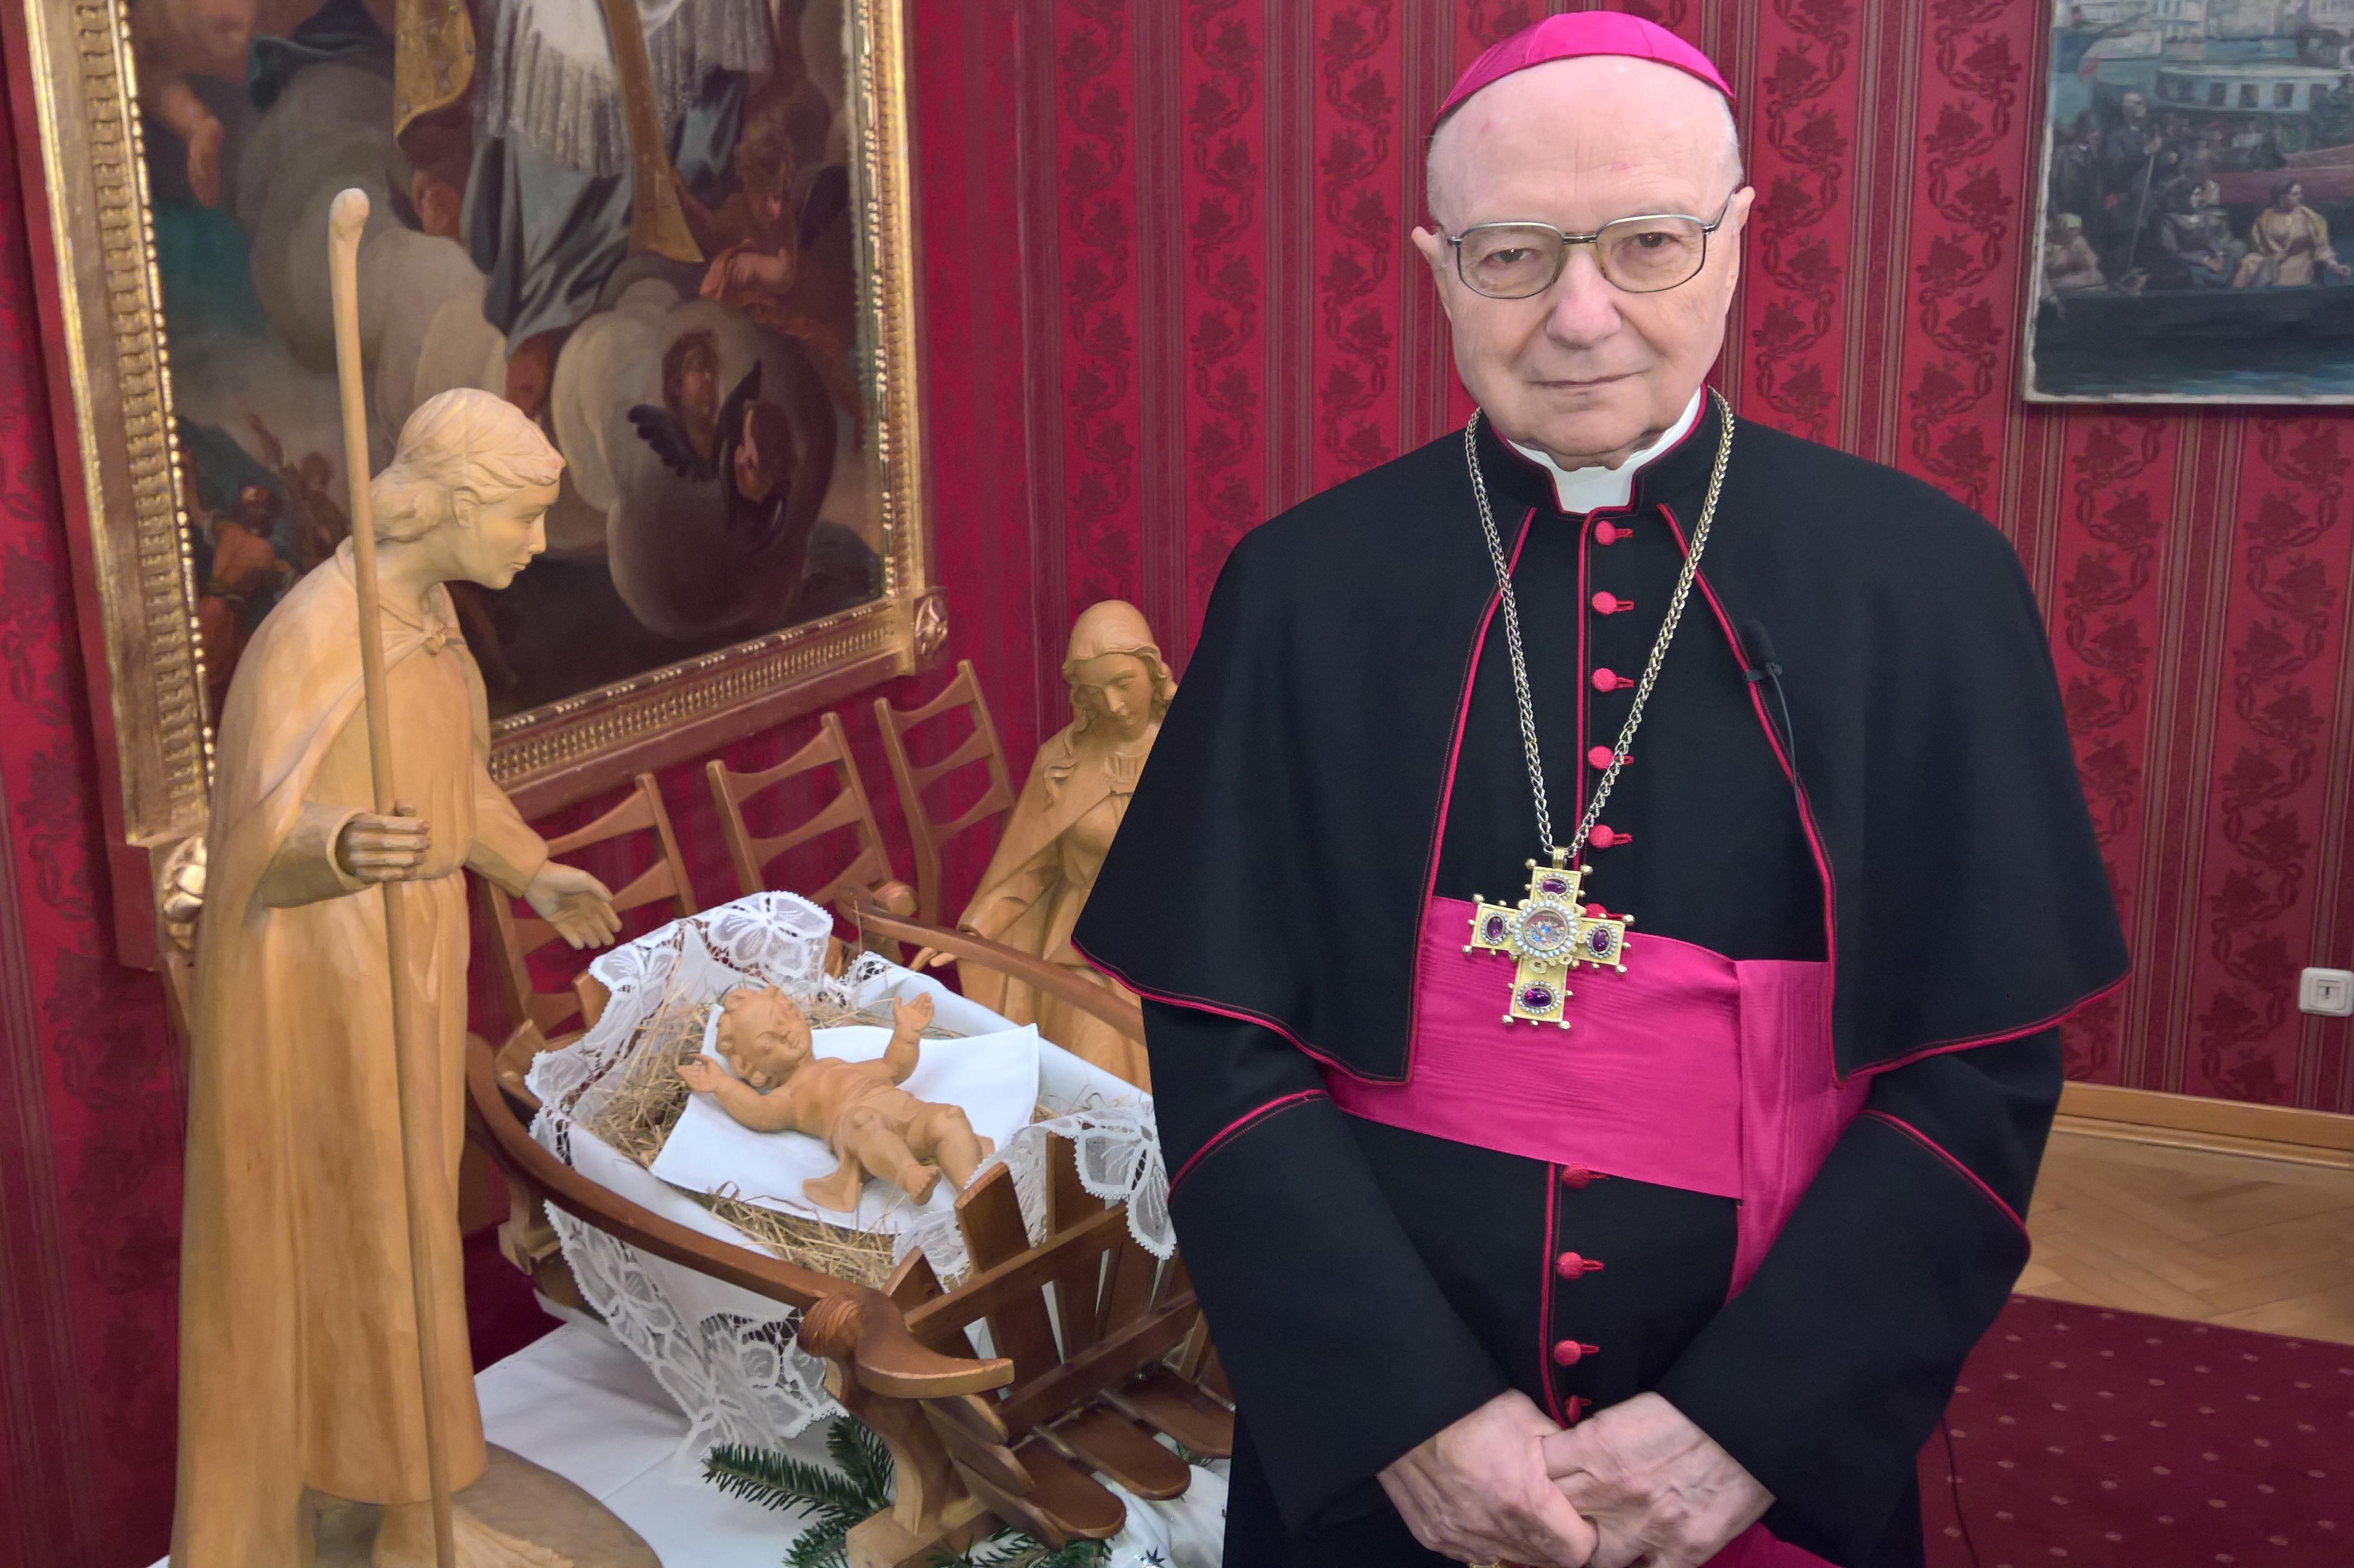 Weihnachtsbotschaft des römisch-katholischen Bischofs von Temeswar ...